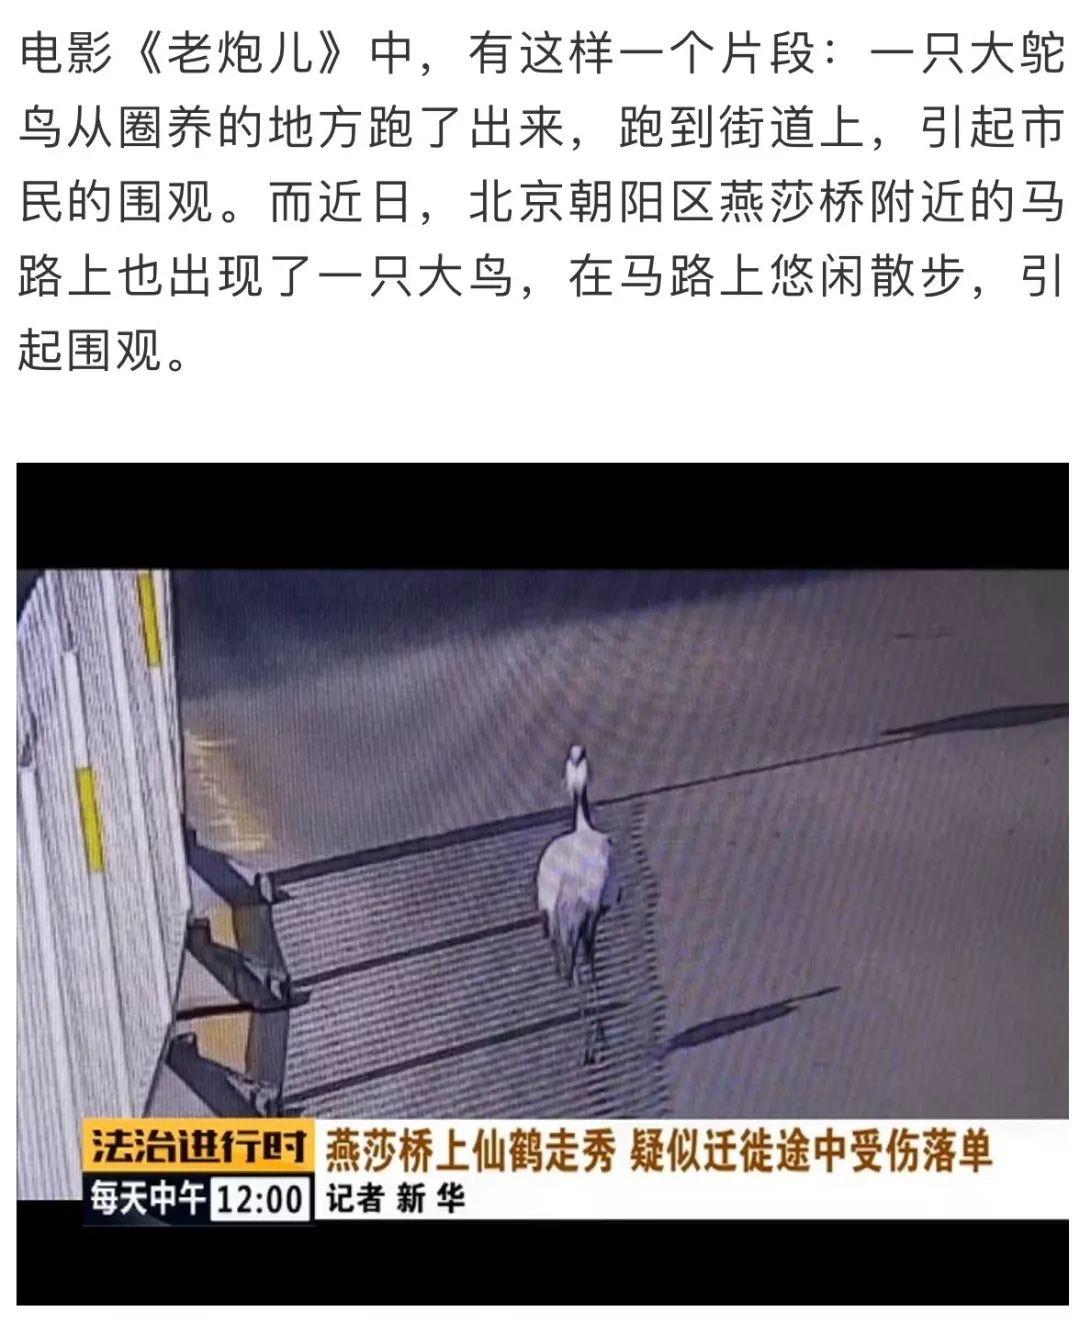 仙鹤!在北京的大马路上?!